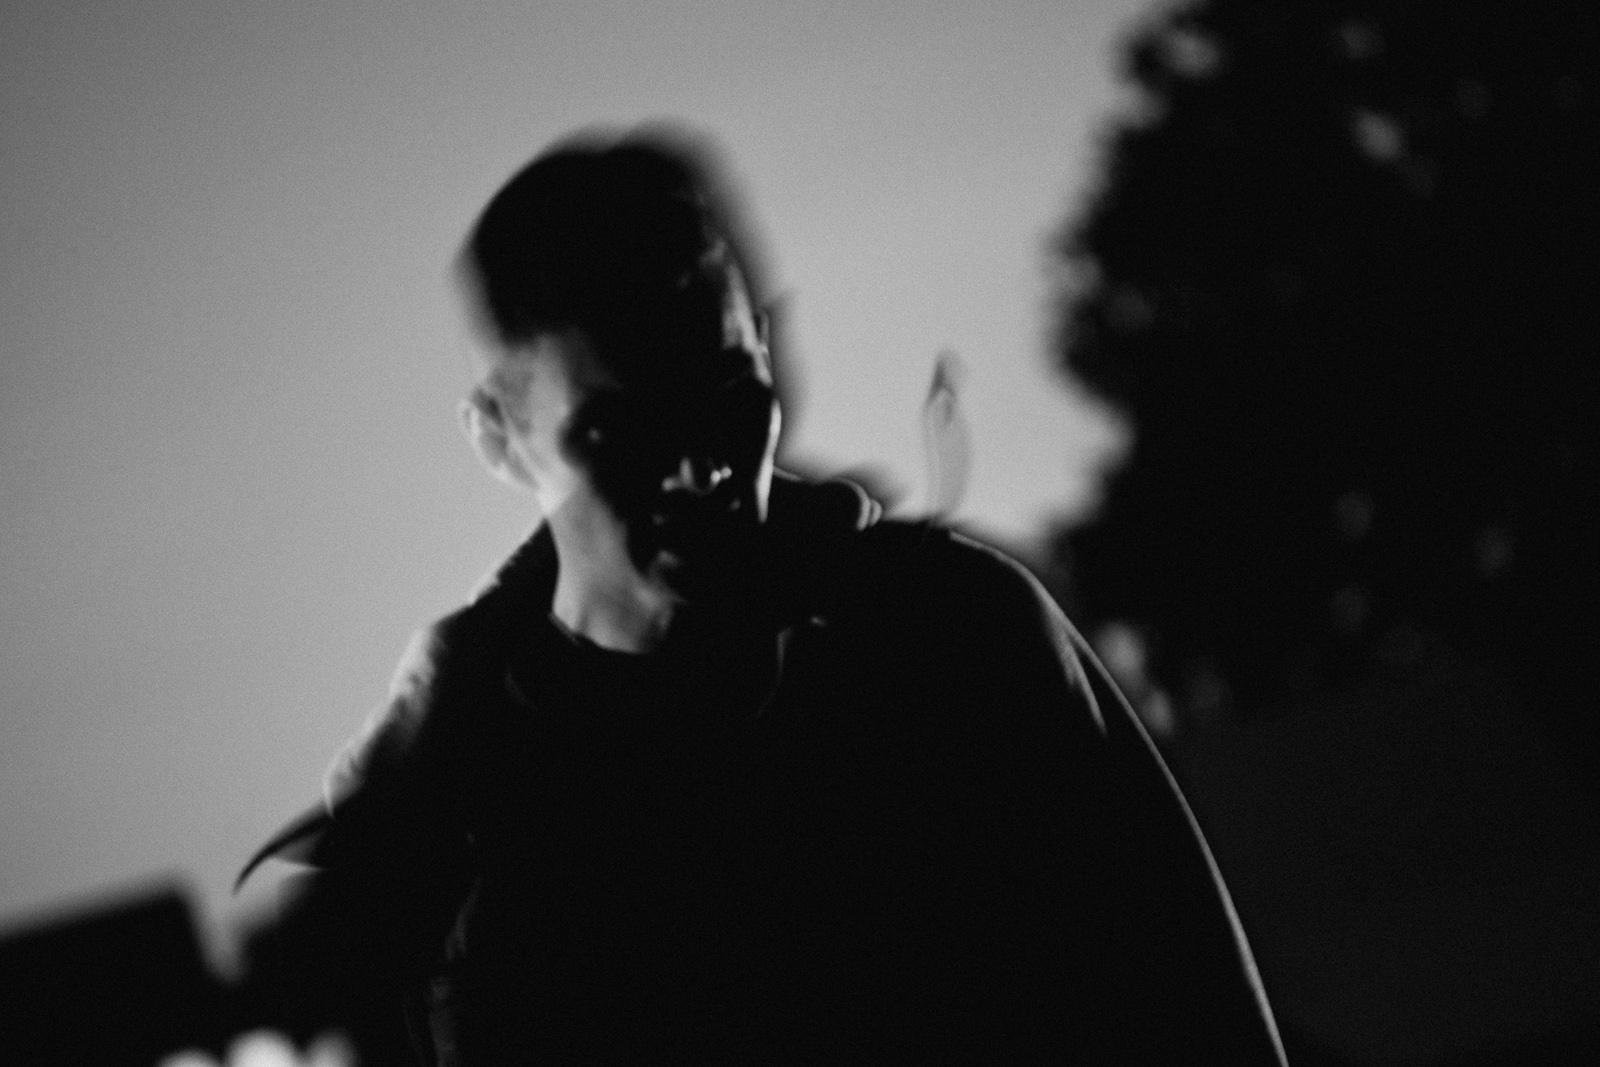 Czarno-biała fotografia stylizowana. Film noir. fot. Łukasz Cyrus